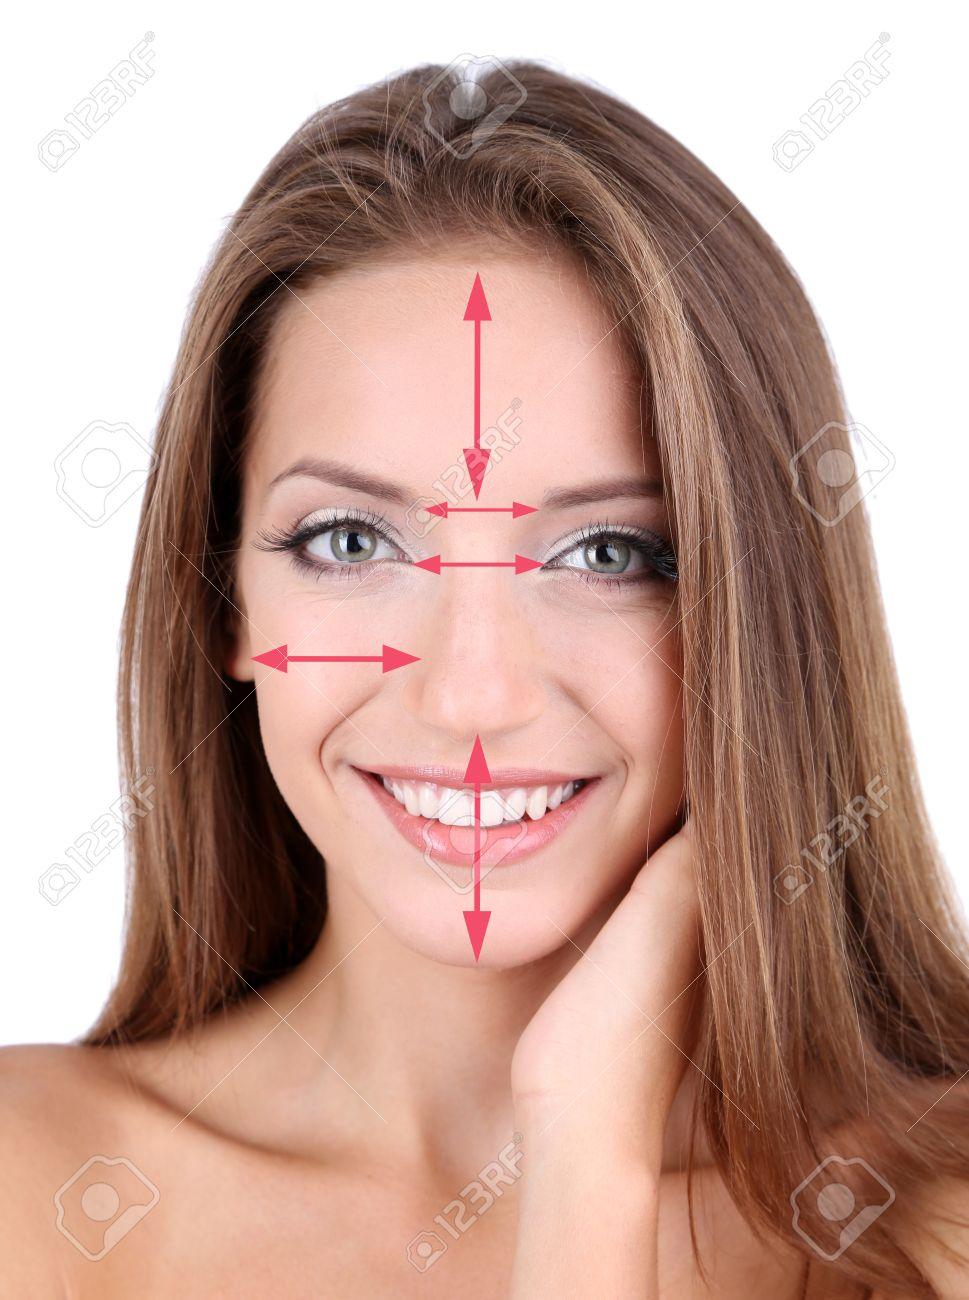 Weibliche Schönheit Konzept Perfektes Gesicht Proportionen